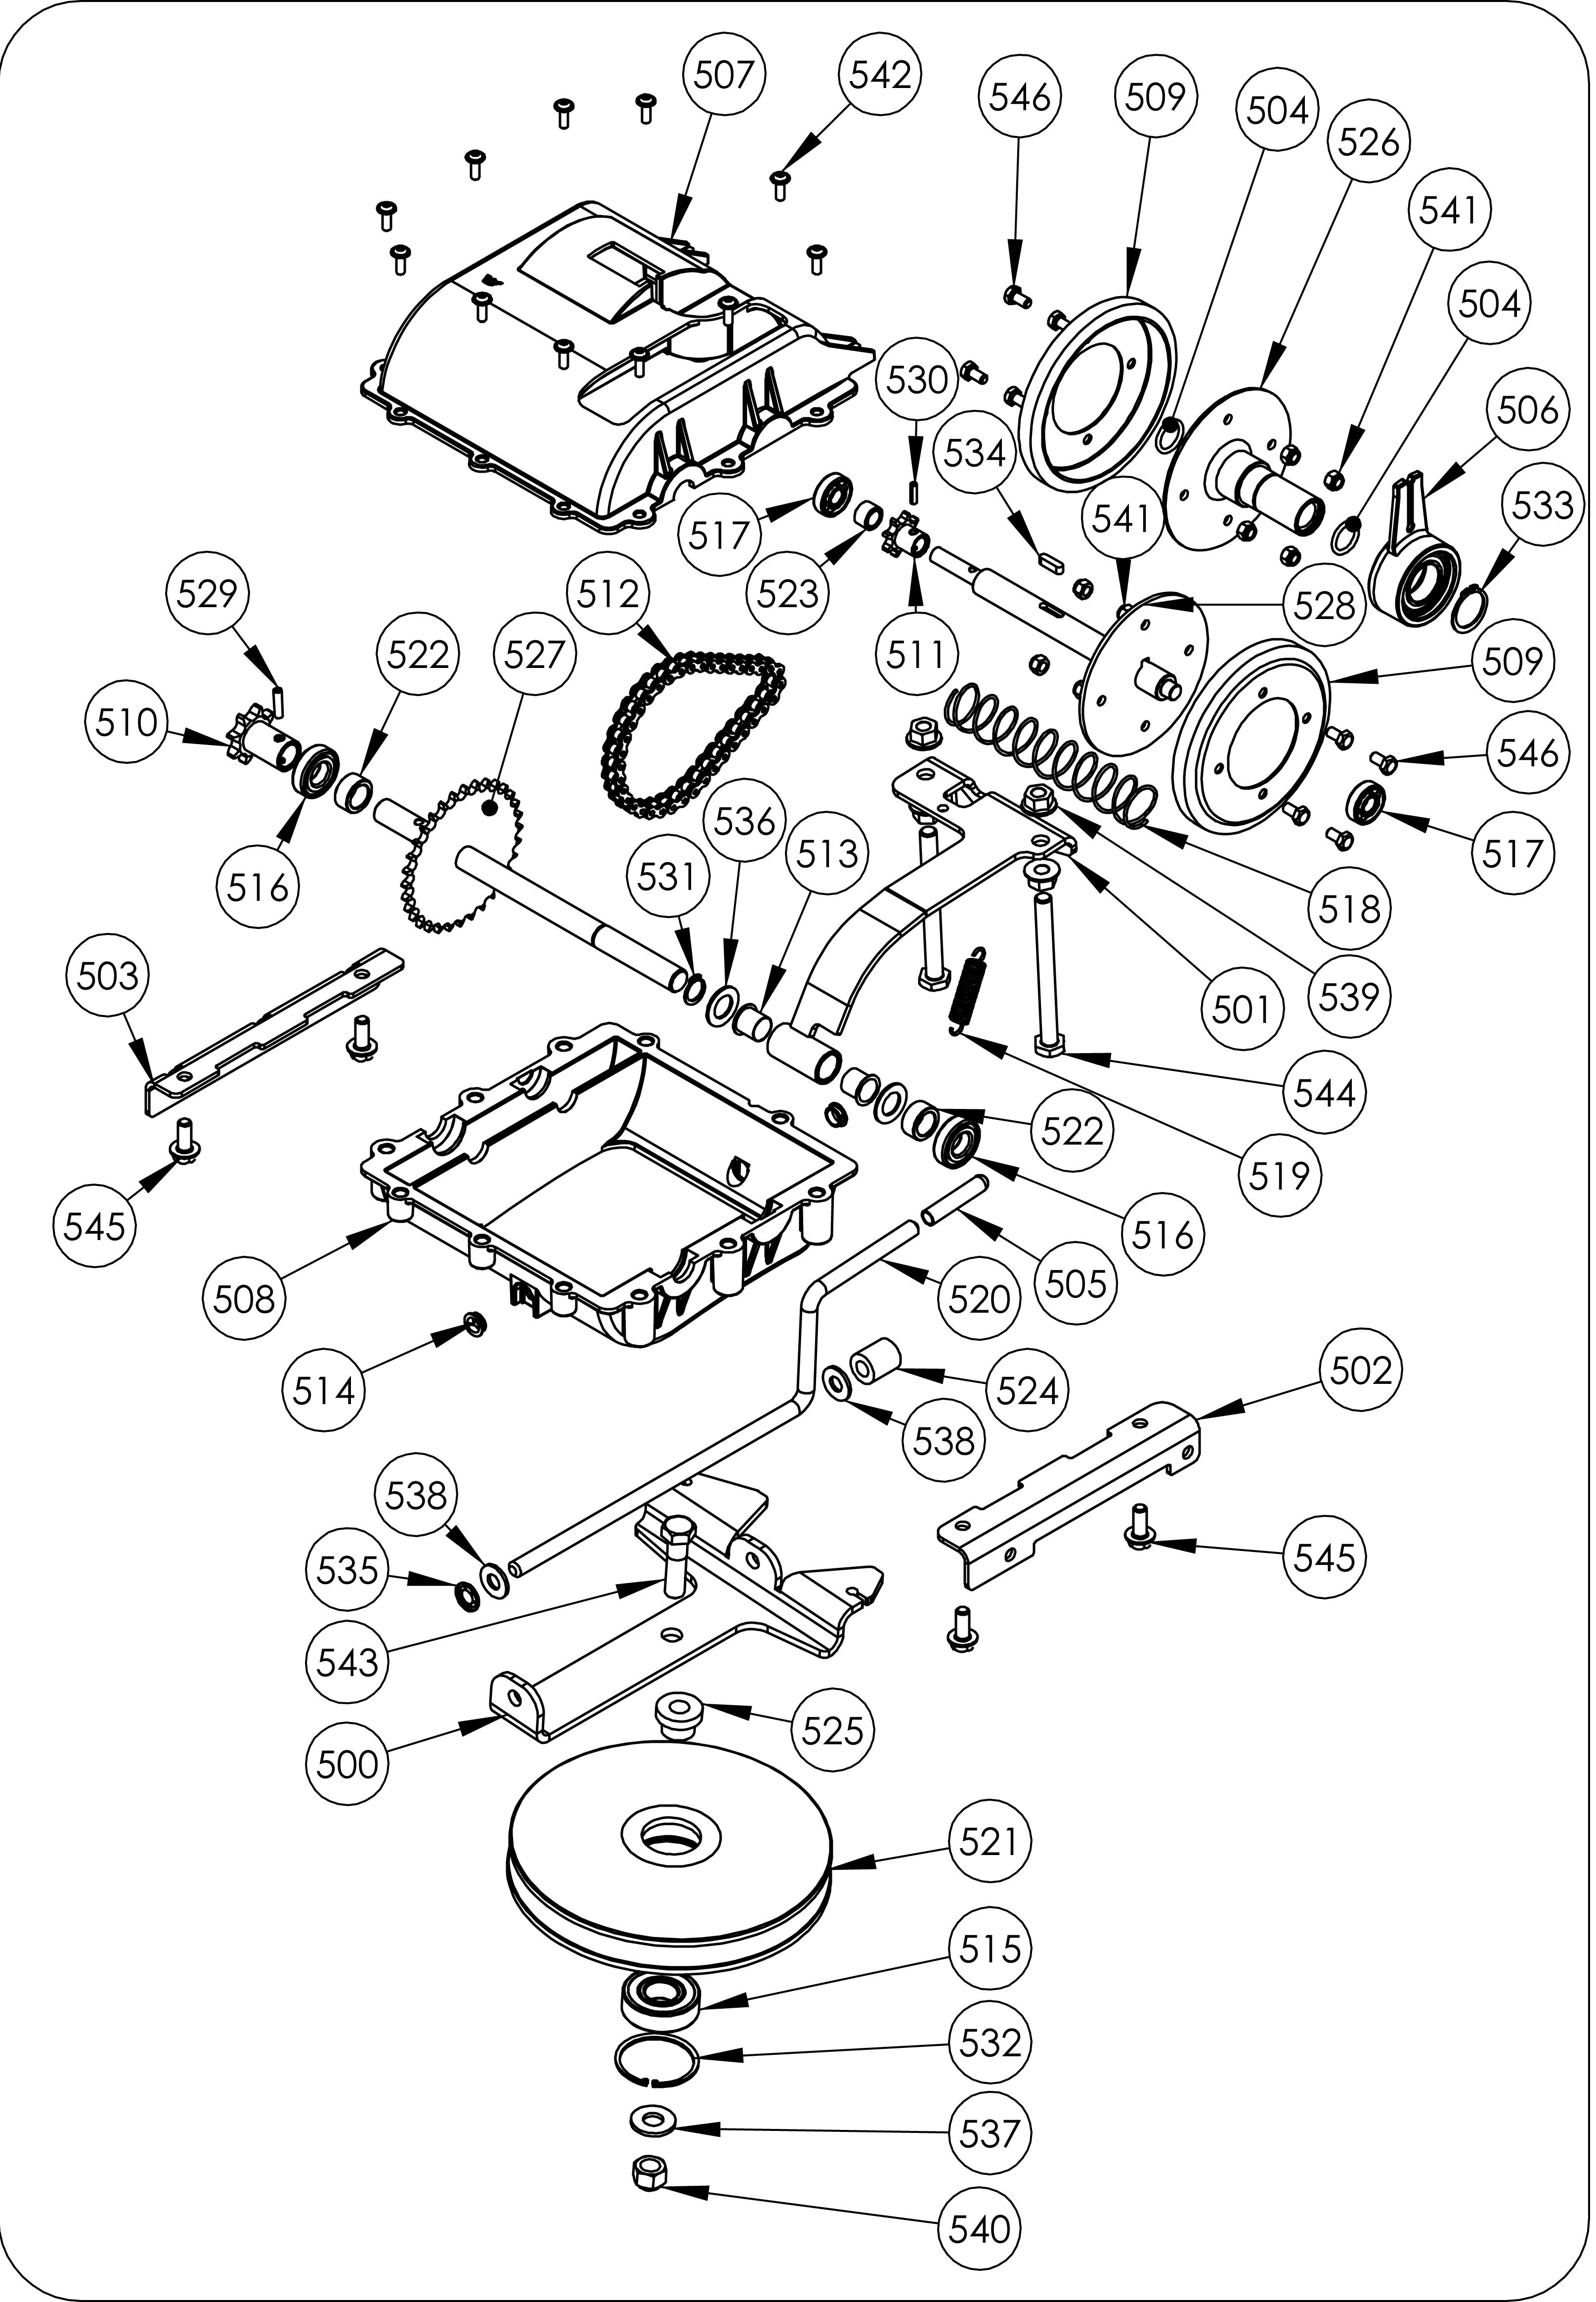 TDF 60 Débroussailleuse à roues oleomac vue éclatée Dessins pièces -  Transmission